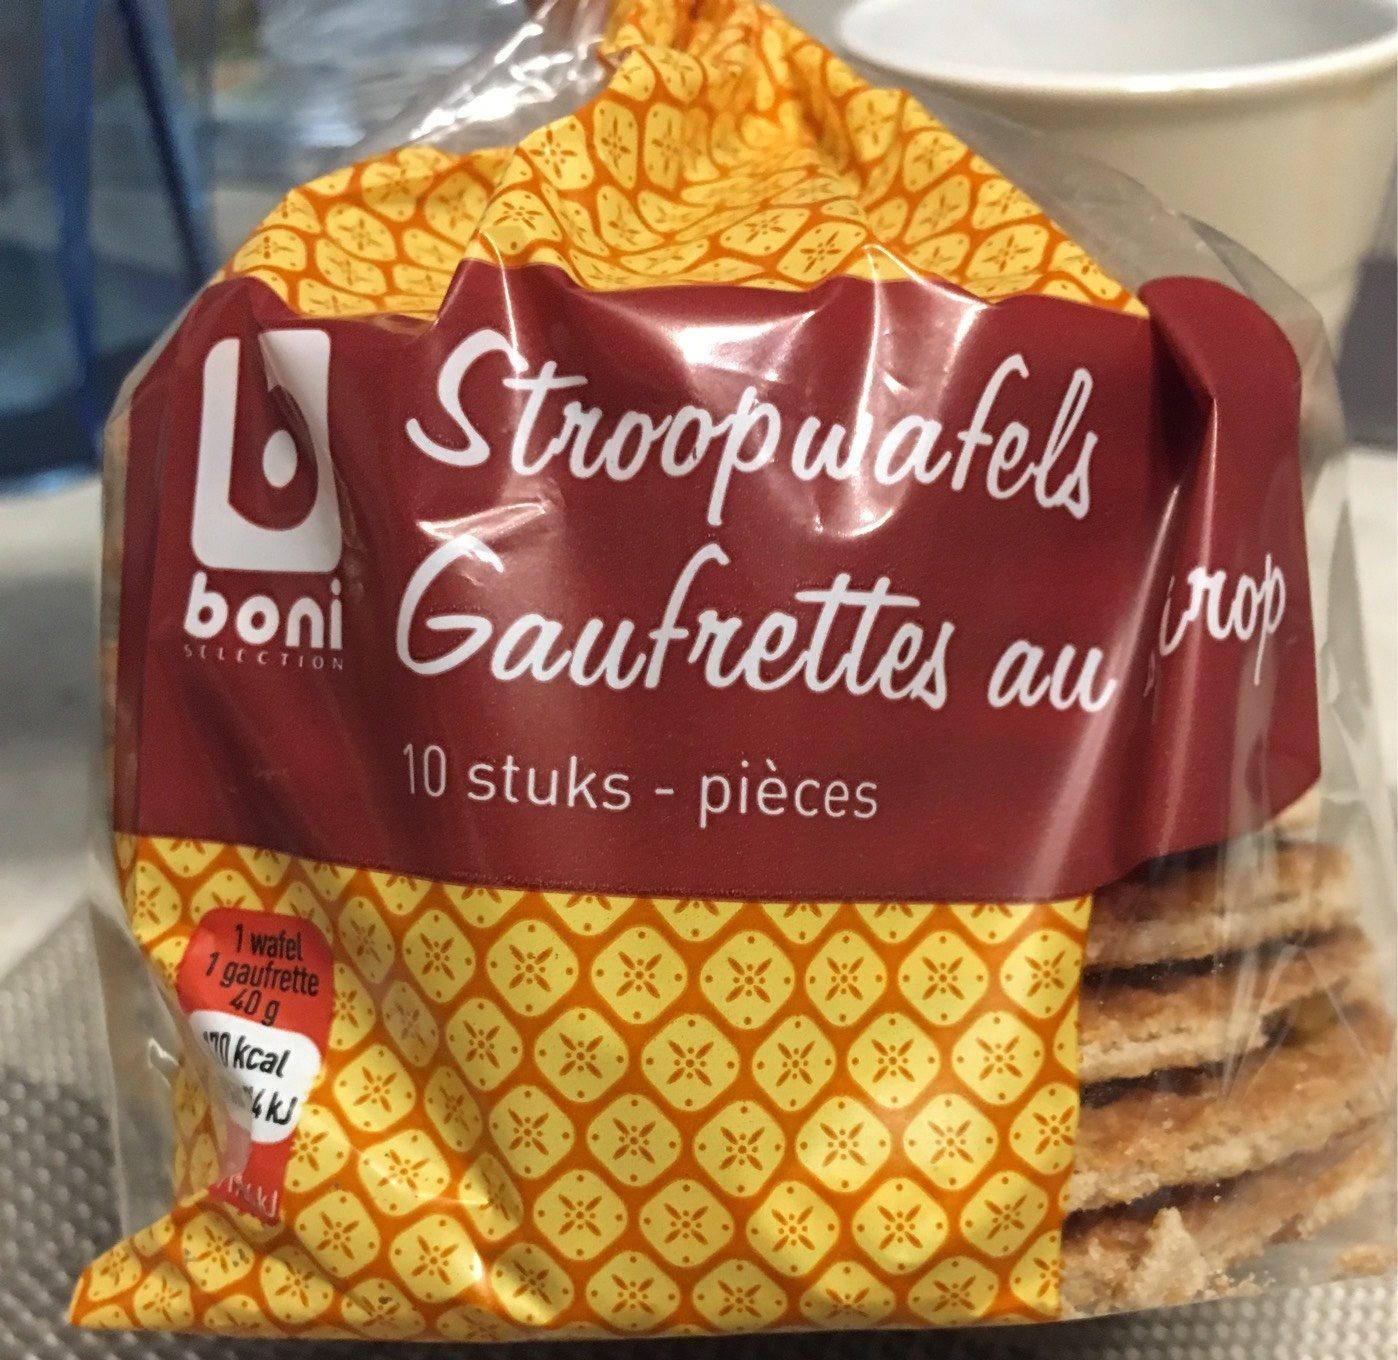 Gaufrettes au sirop - Product - fr